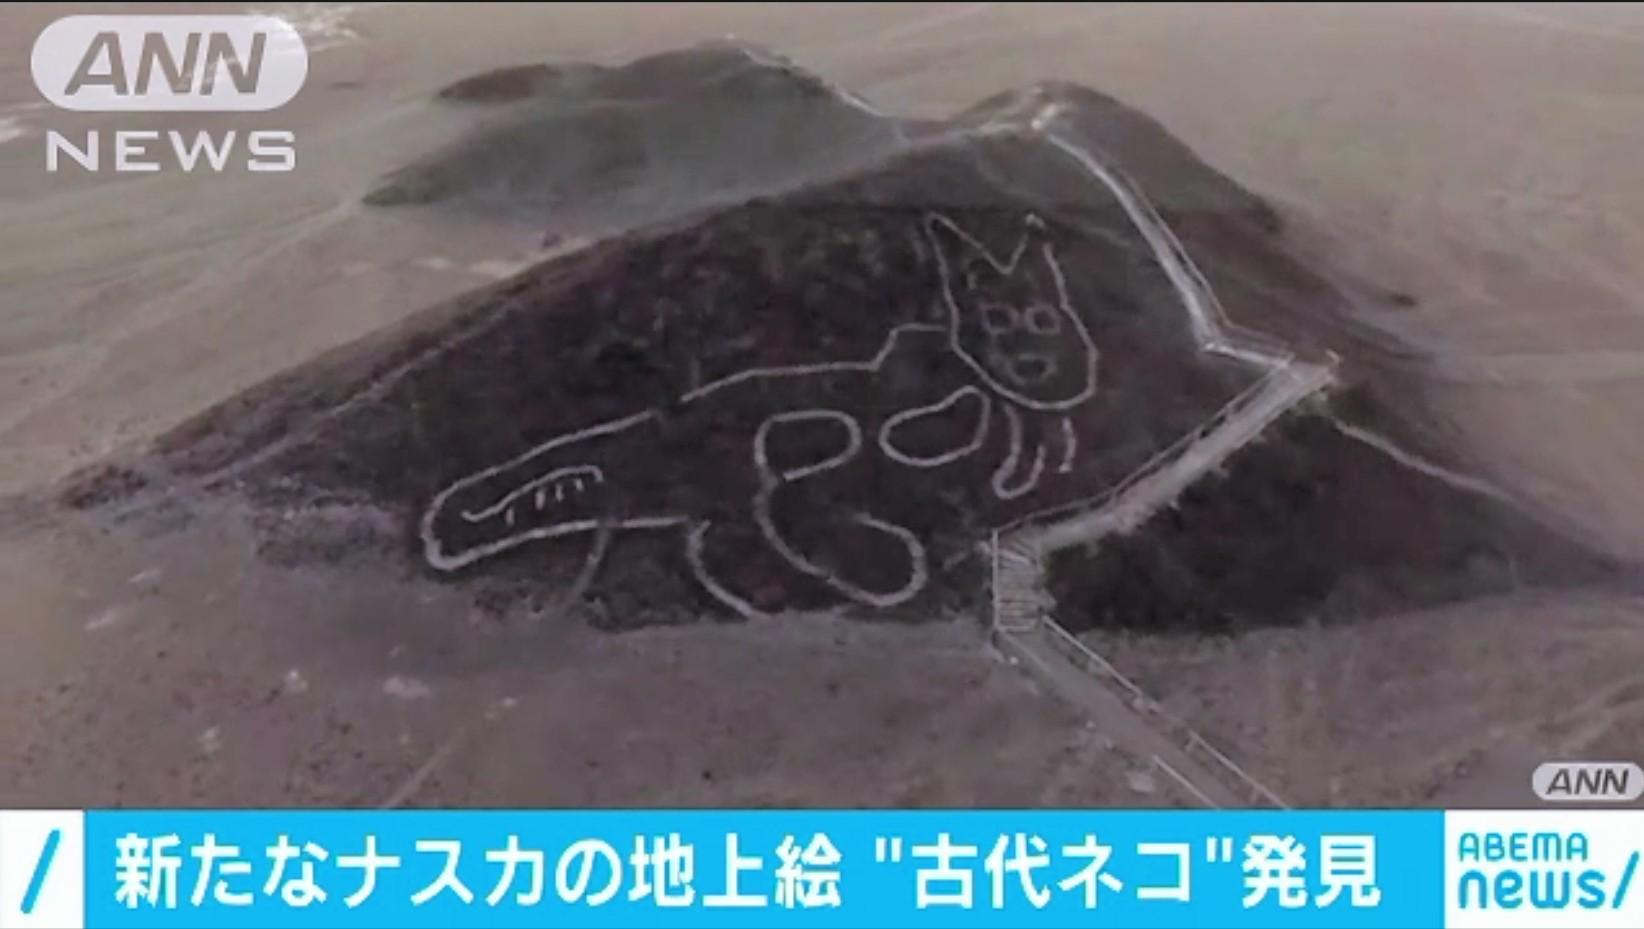 【爆笑】新たに発見された「ナスカの地上絵」wwwwwwwwwwwwwwwwww